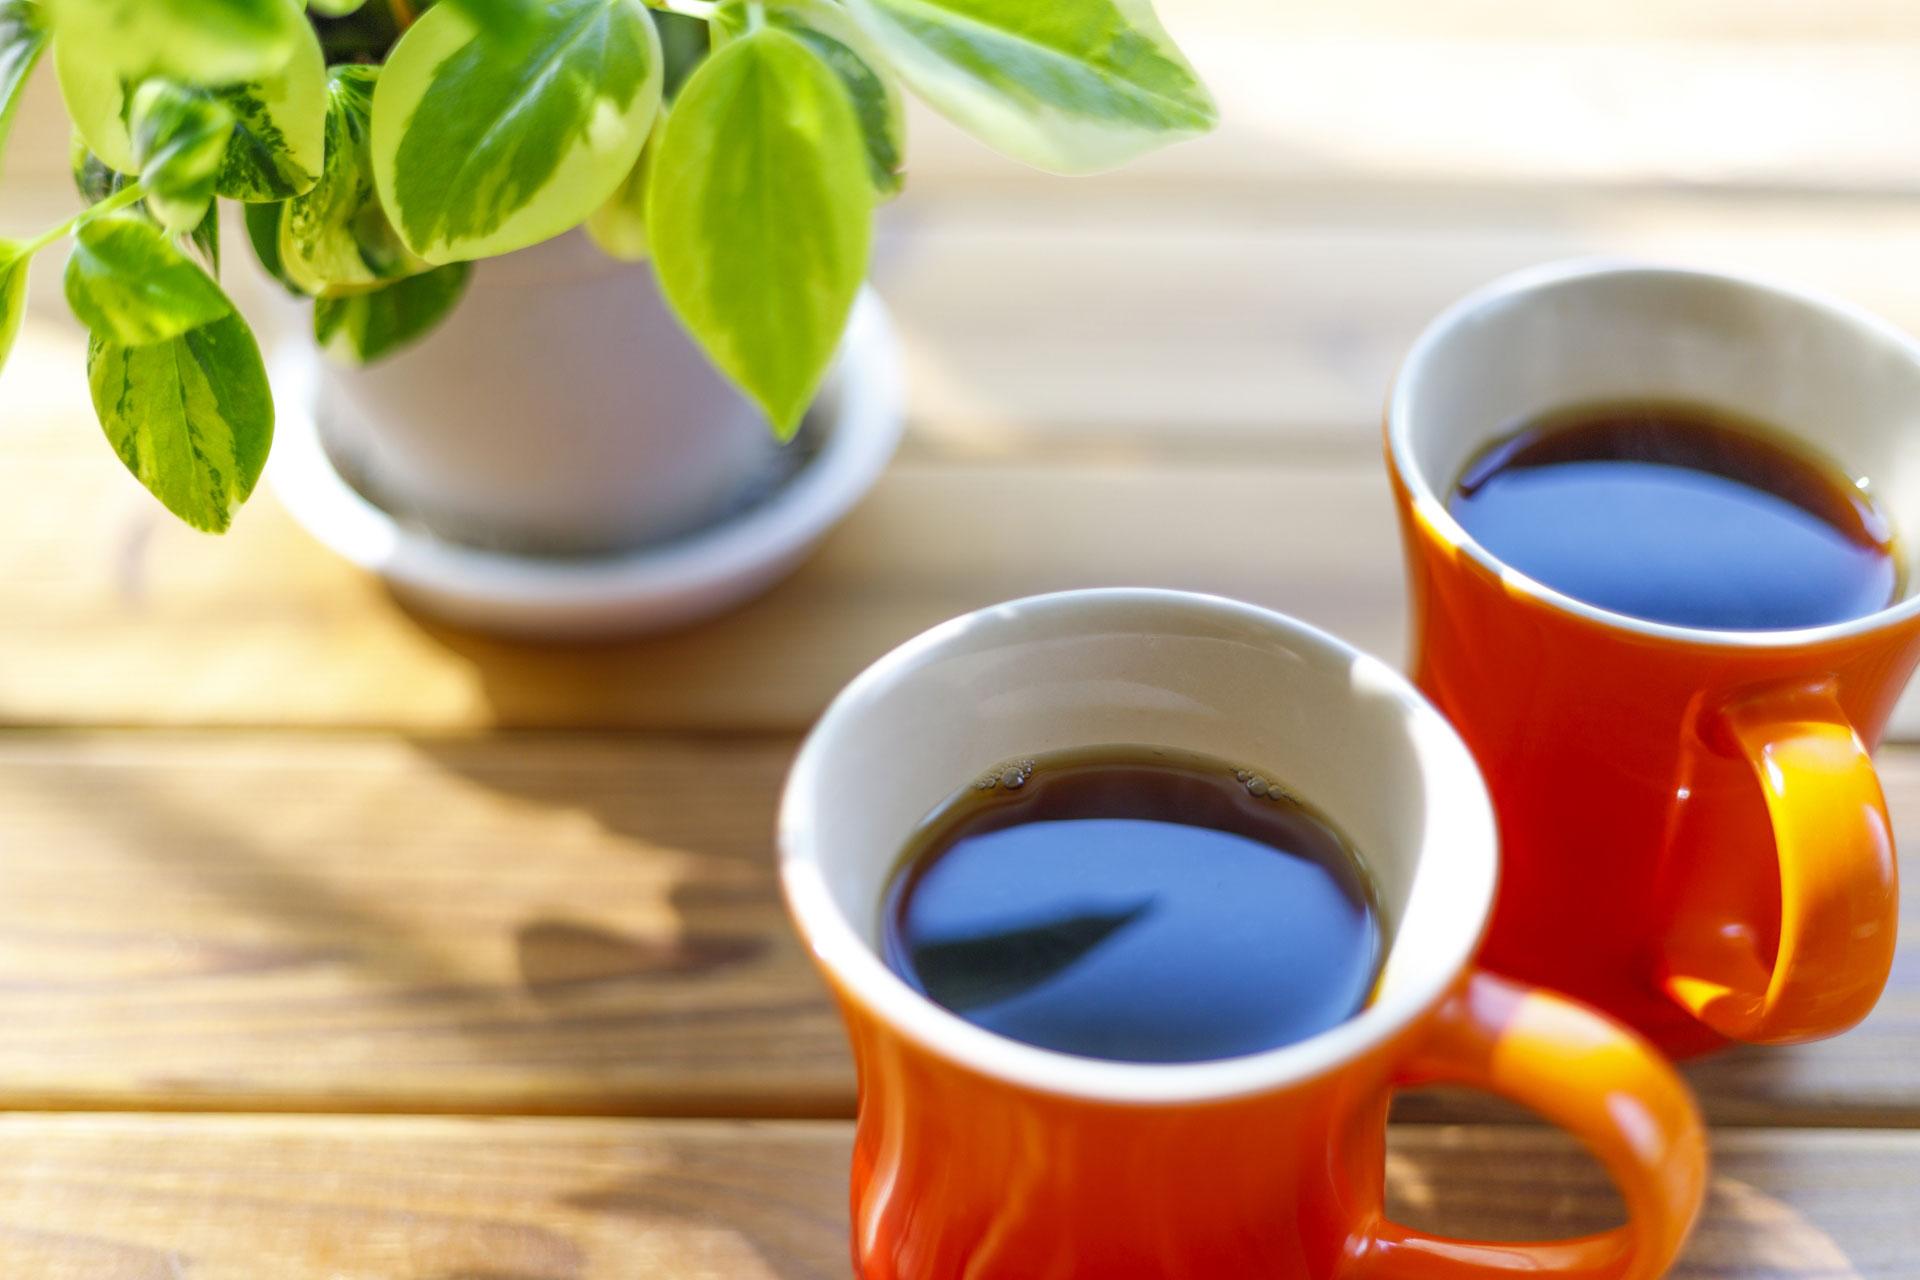 これを飲めば便秘解消!? 便秘を解消する飲み物について徹底解説!コーヒー